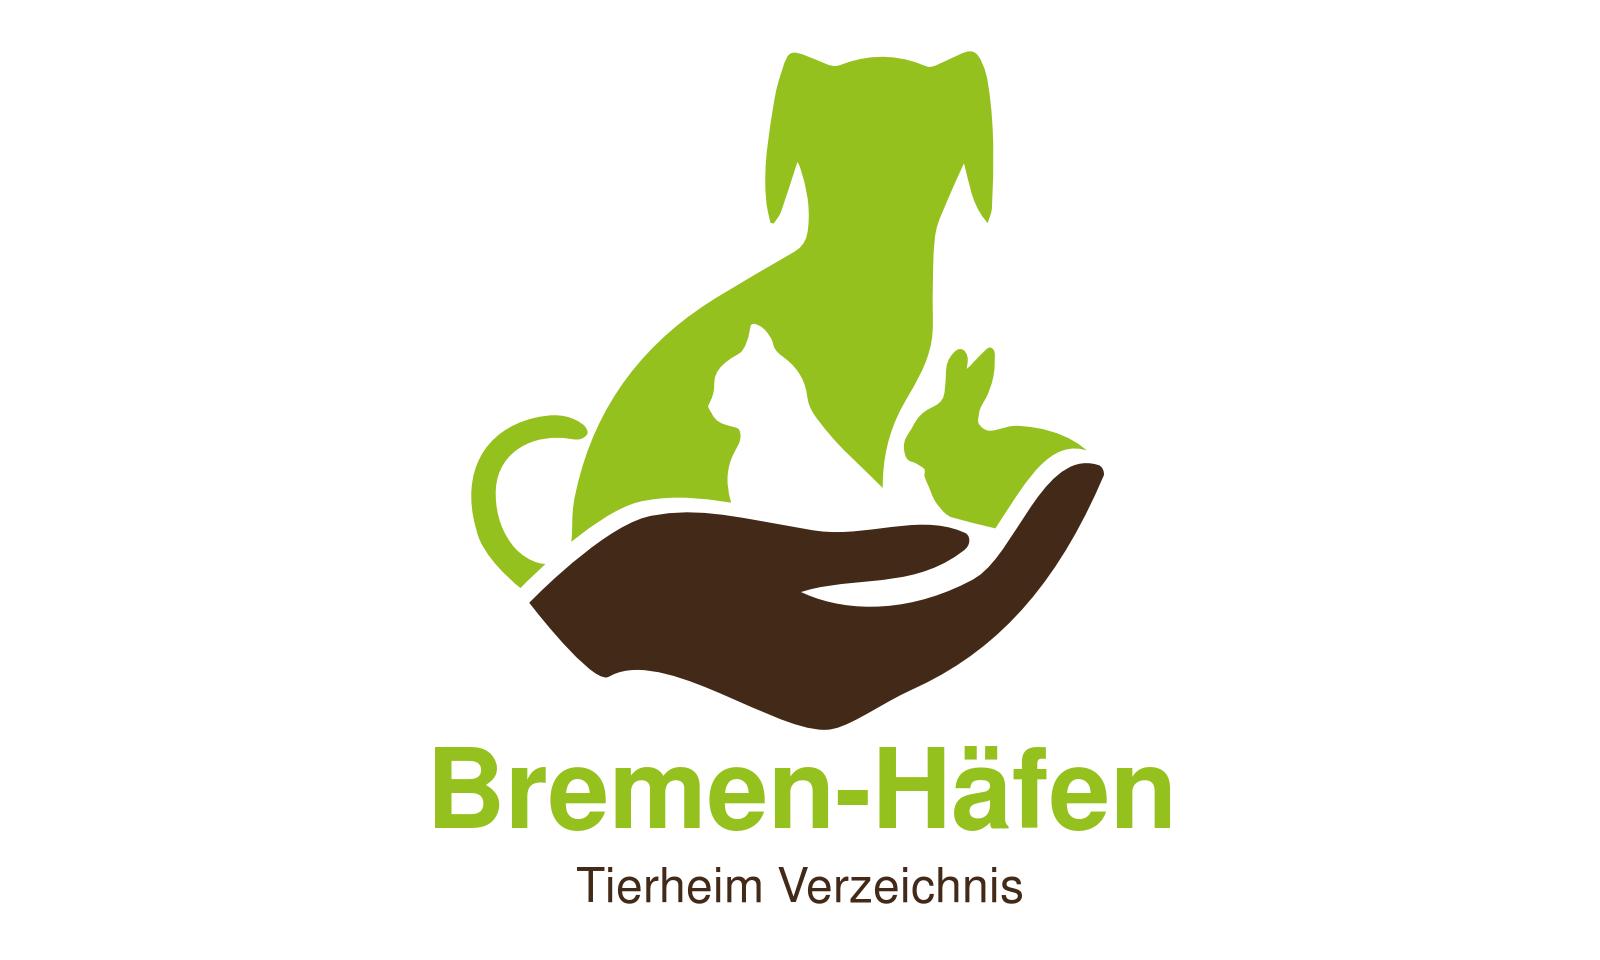 Tierheim Bremen Häfen